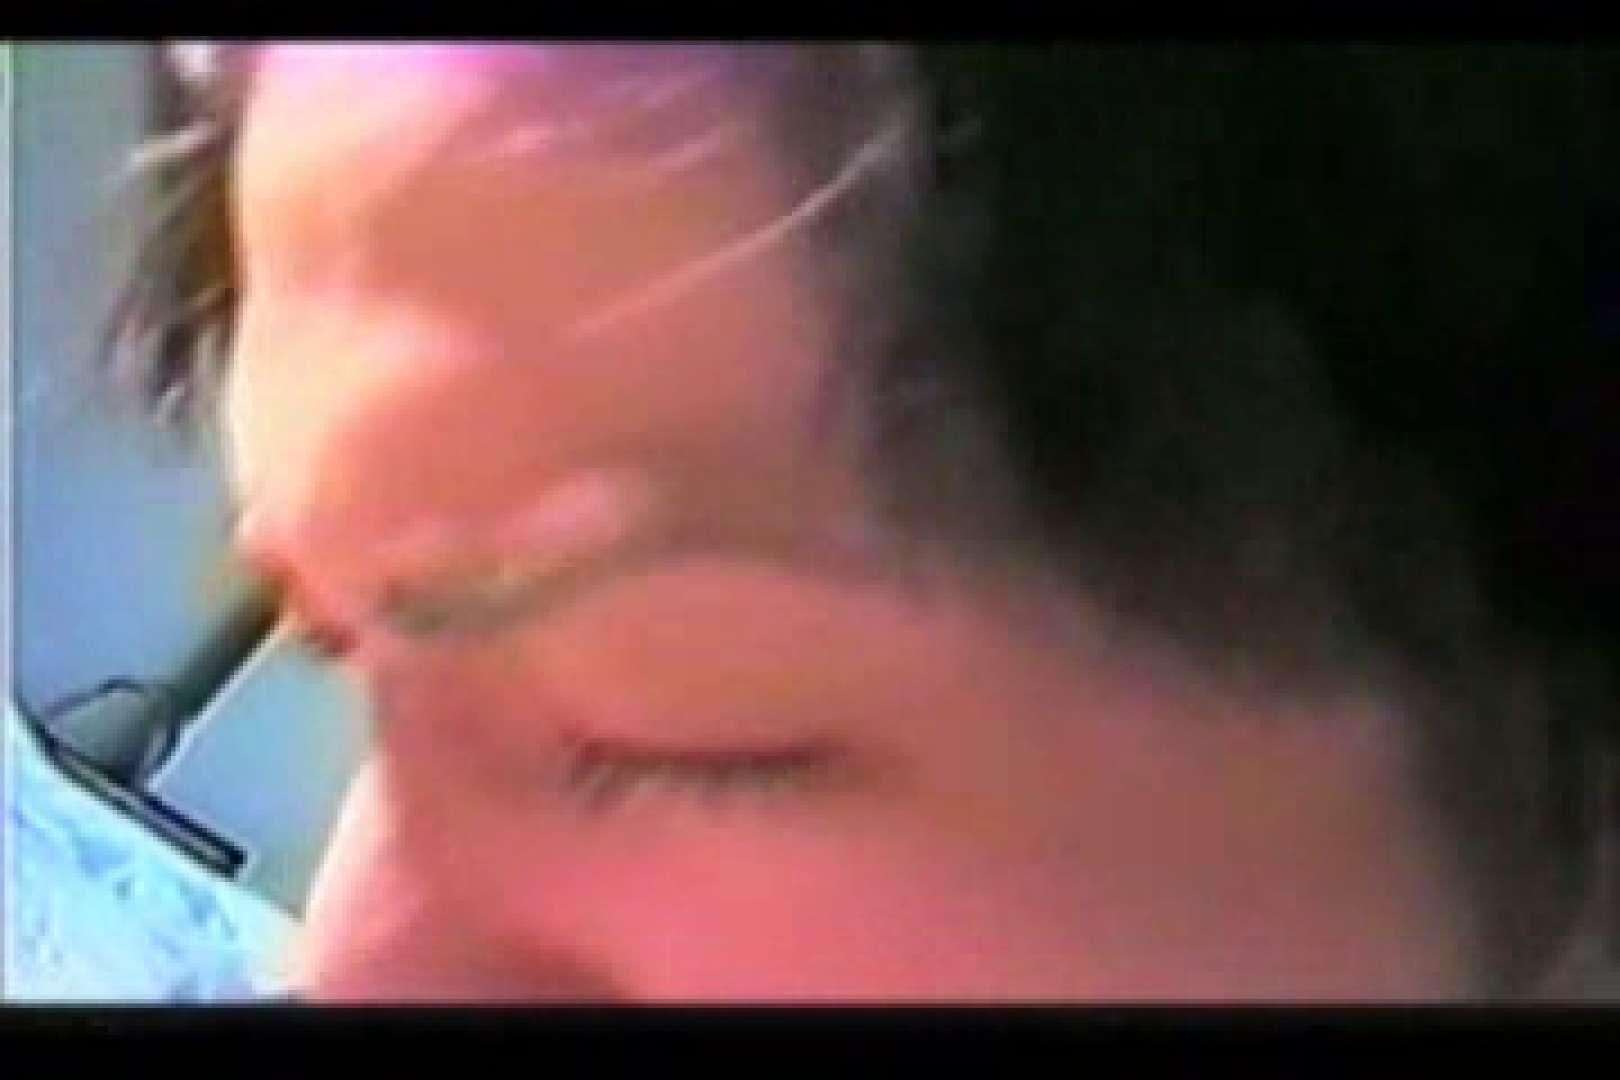 【流出】あの頃アイツ!!生意気だったけど好き物だった・・・ ノンケ一筋 ゲイエロ動画 63pic 38